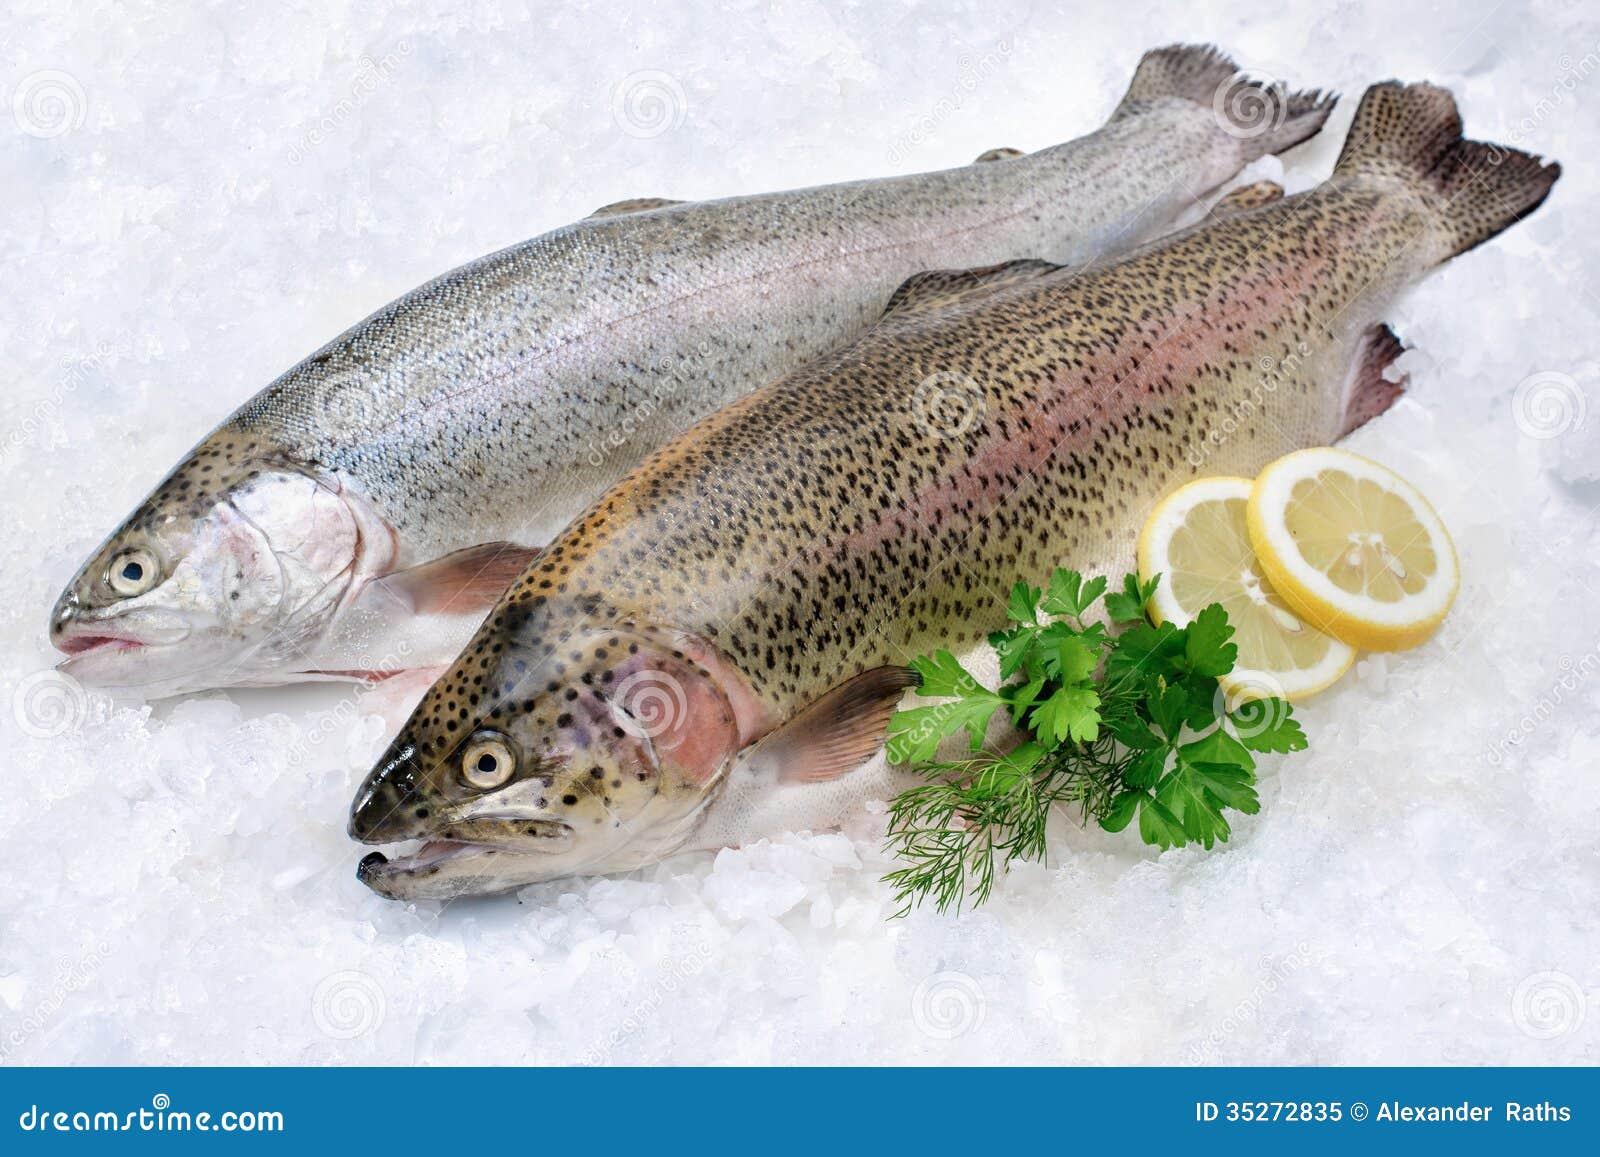 Rainbow trout on ice